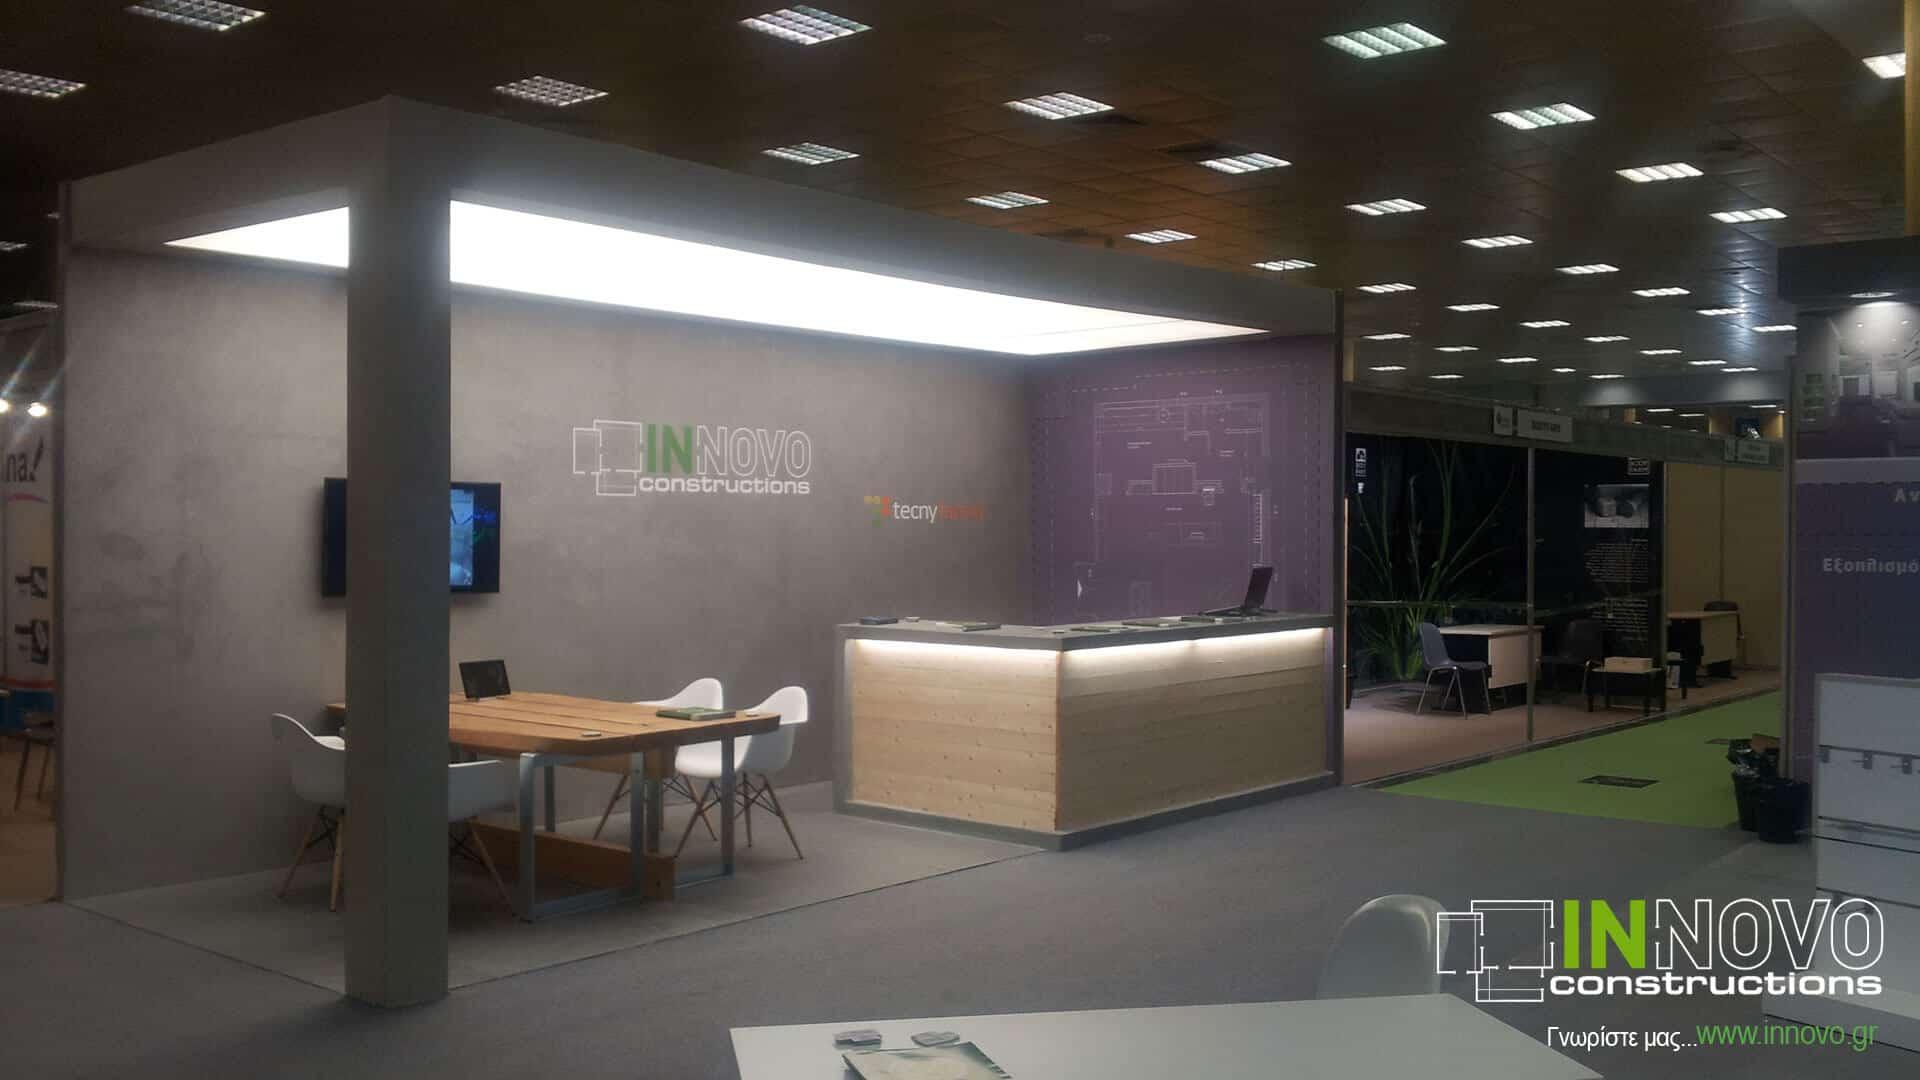 sxediasmos-peripterou-exhibition-stand-design-periptero-mas-hellaspharm2013-9